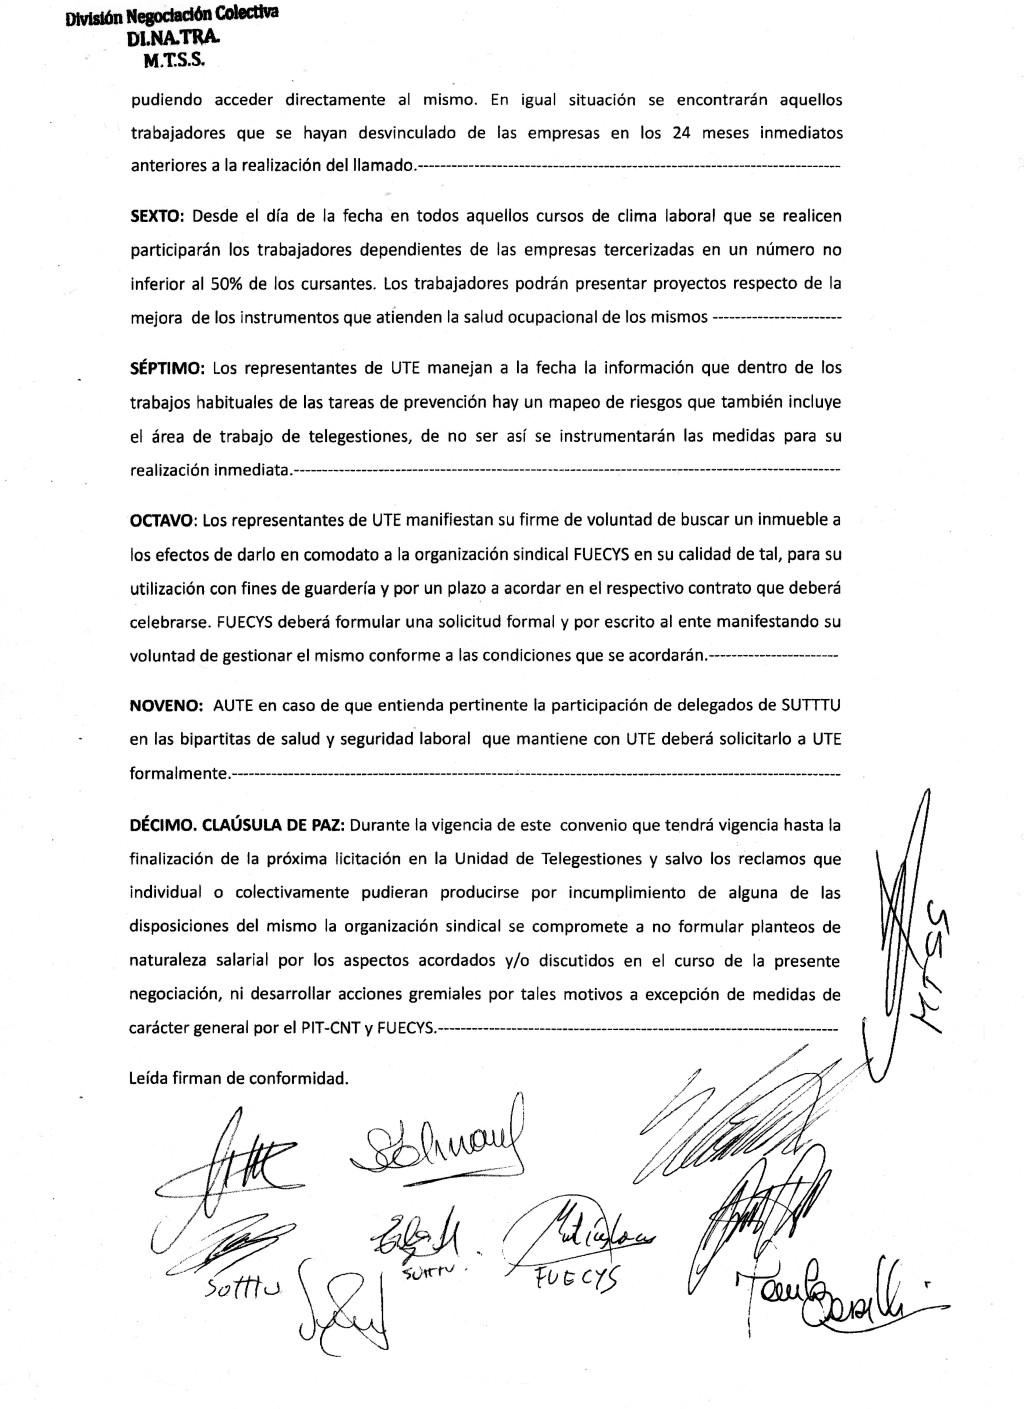 acta de acuerdo UTE-SUTTTU-2058